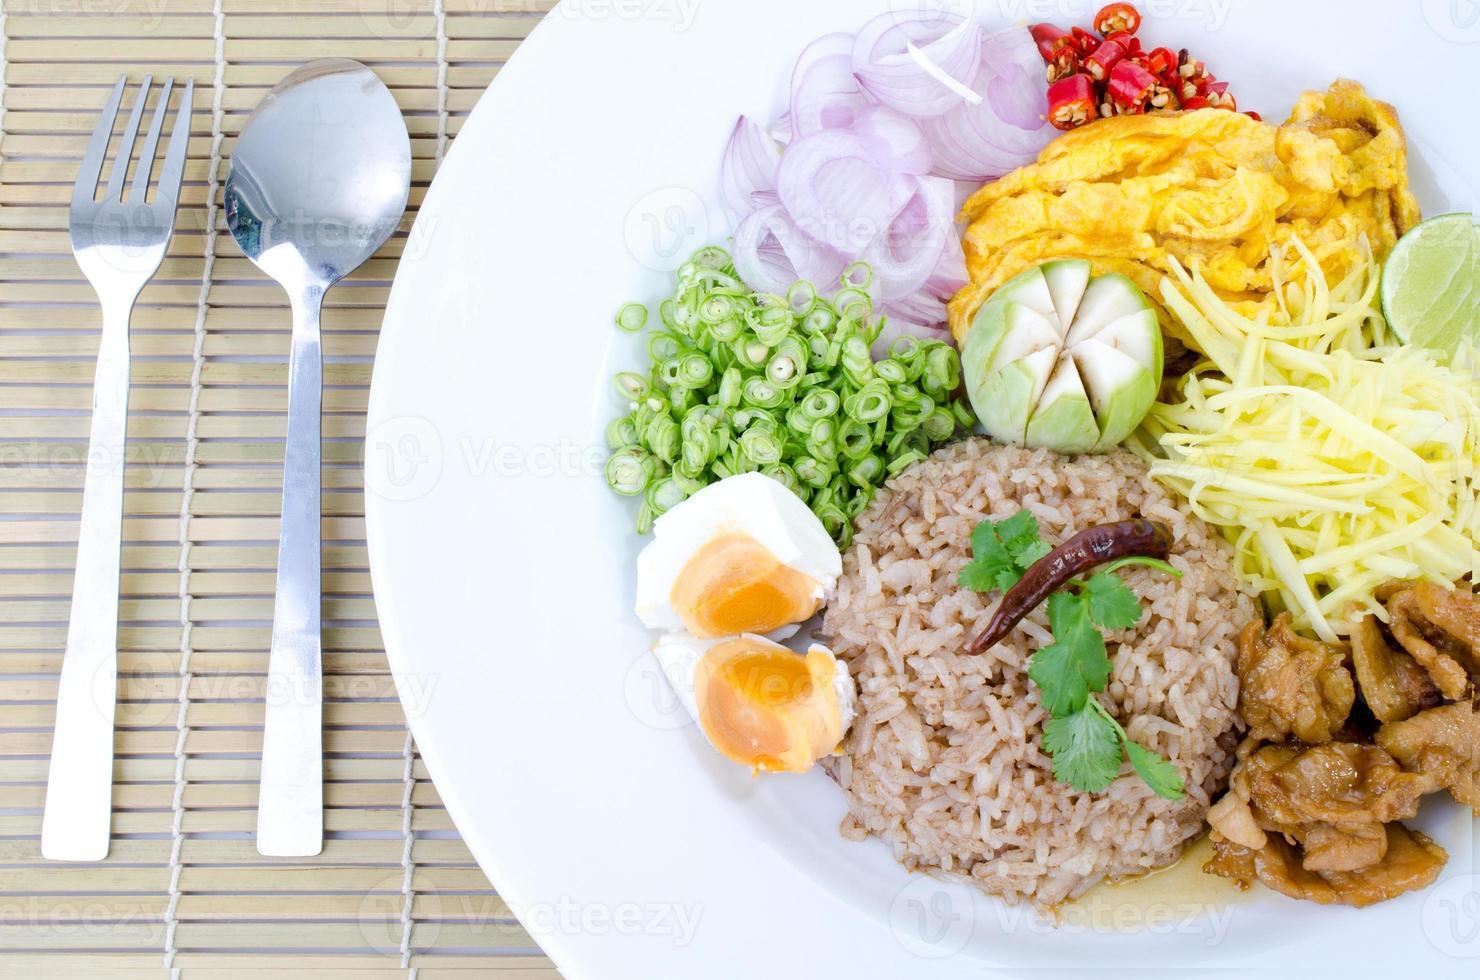 Braten Sie Reis mit der Garnelenpaste, thailändischem Essen foto